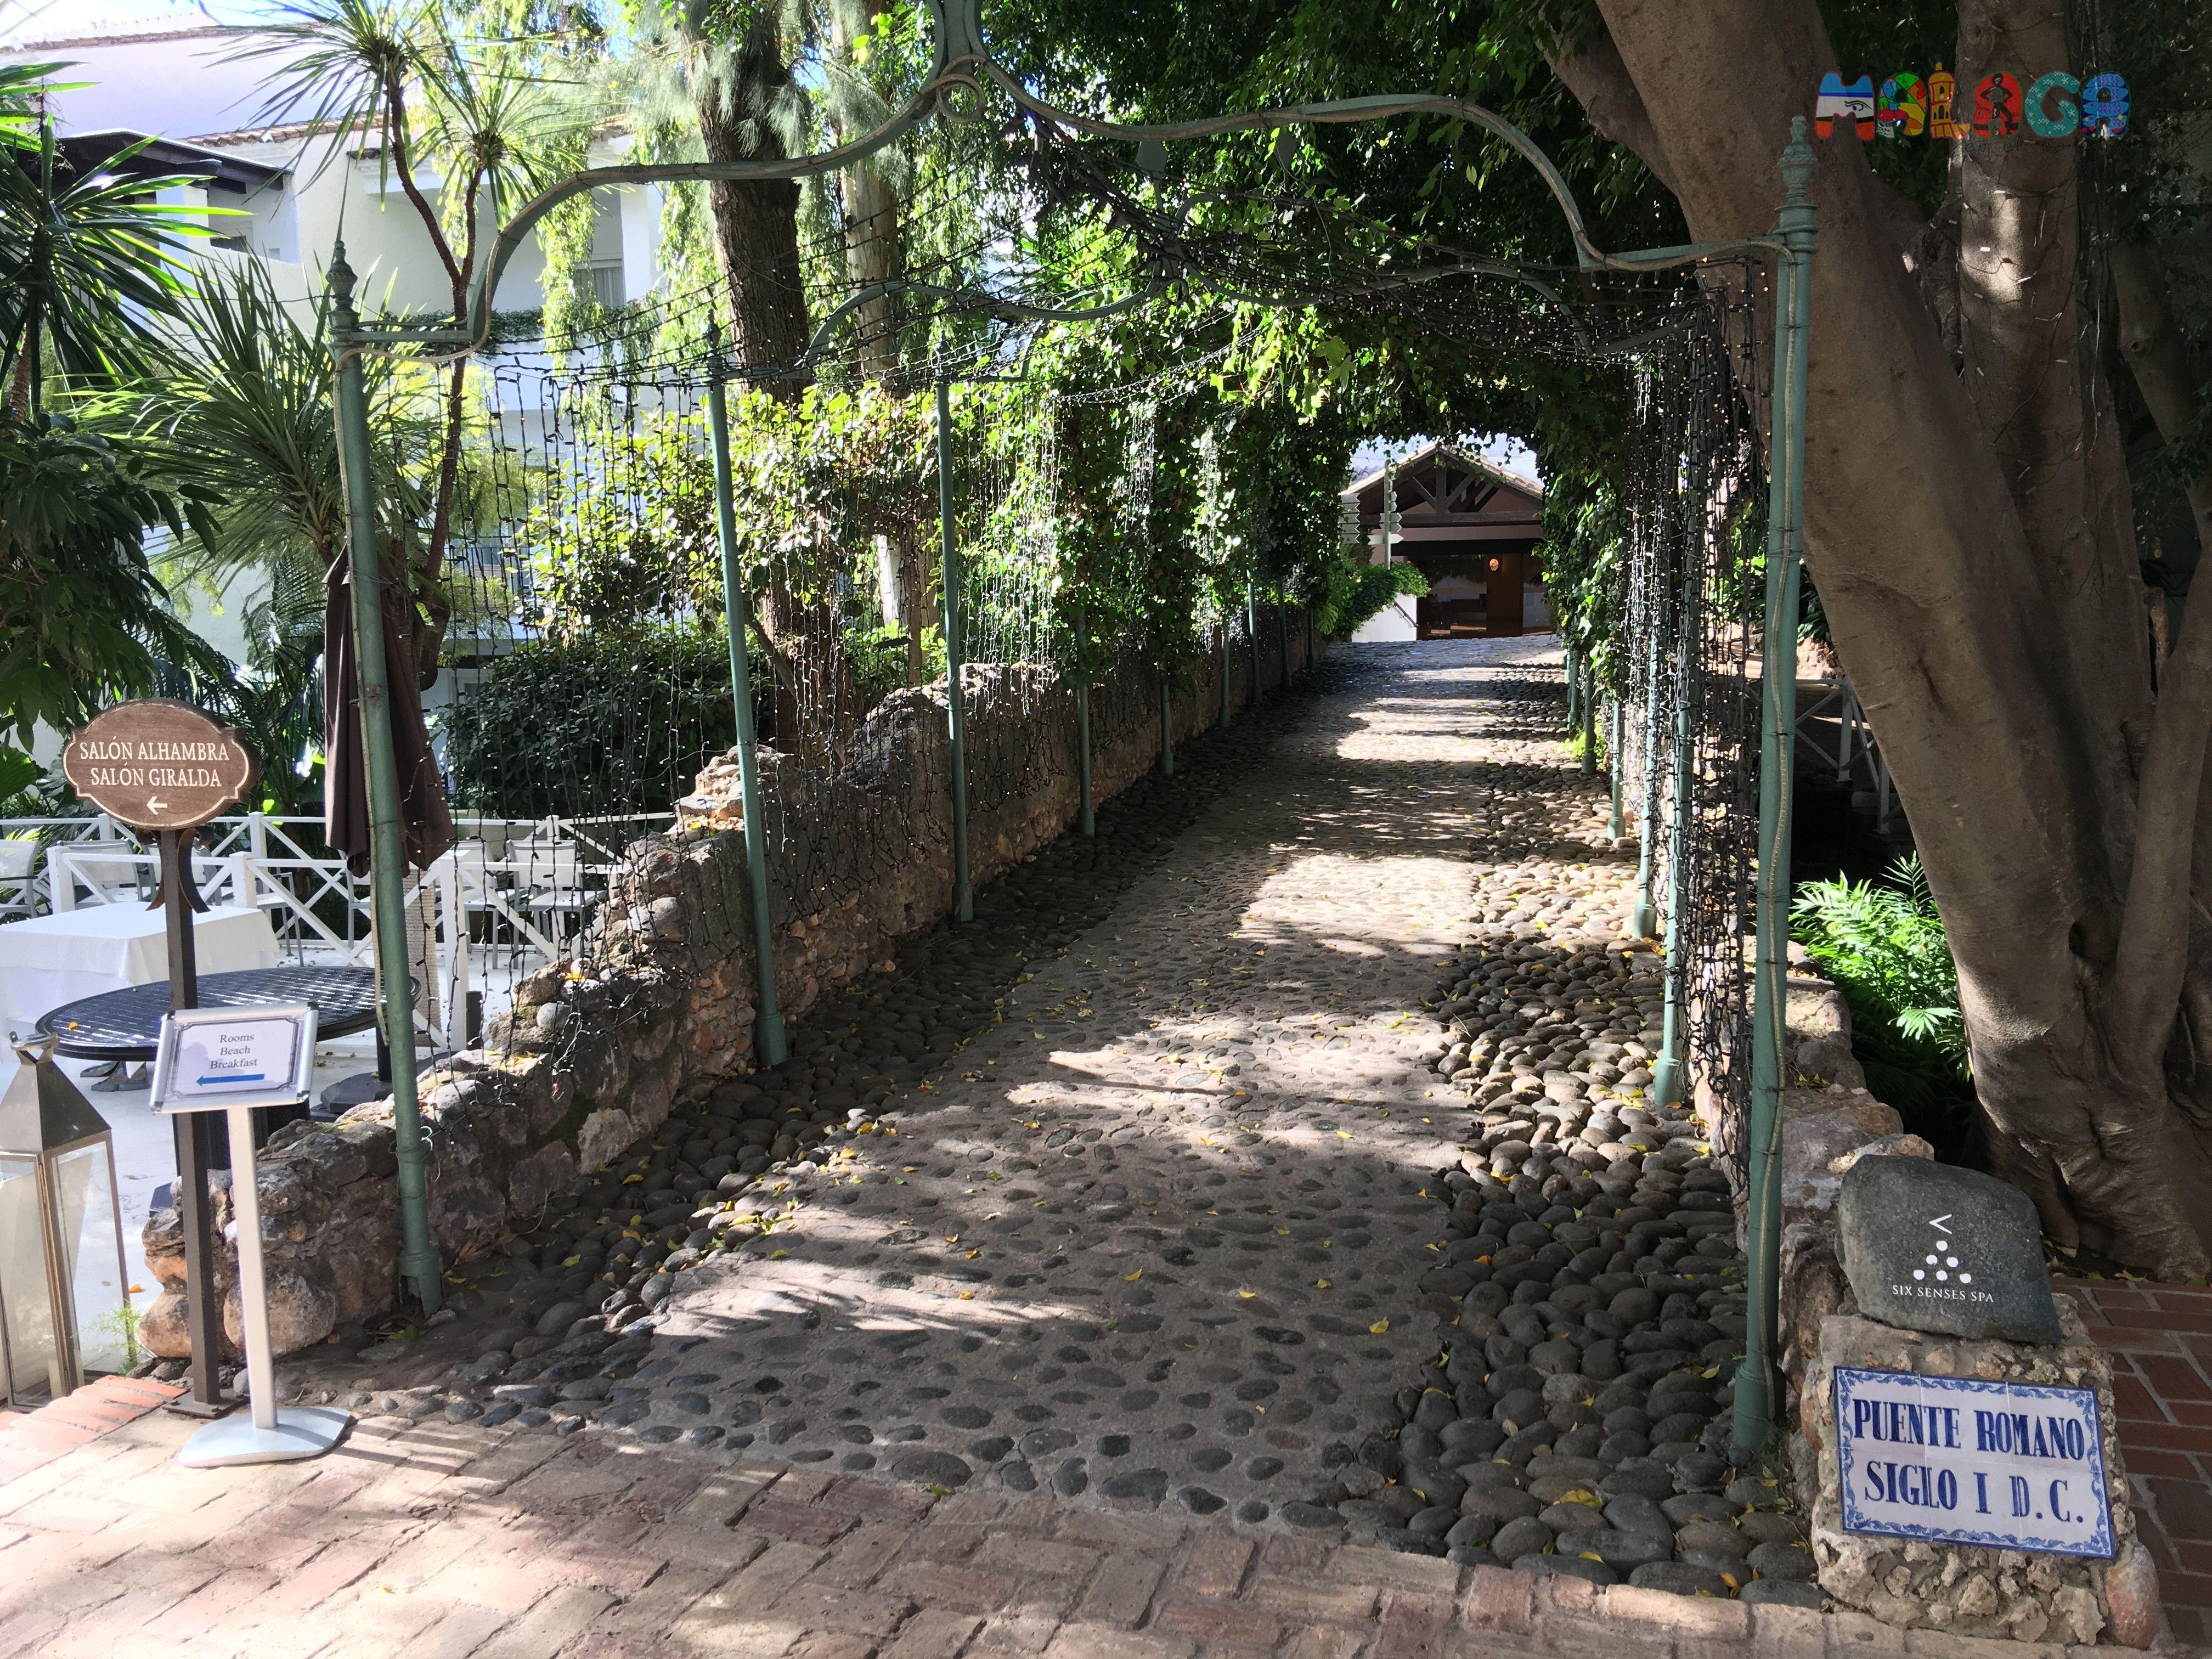 Puente-romano-marbella2